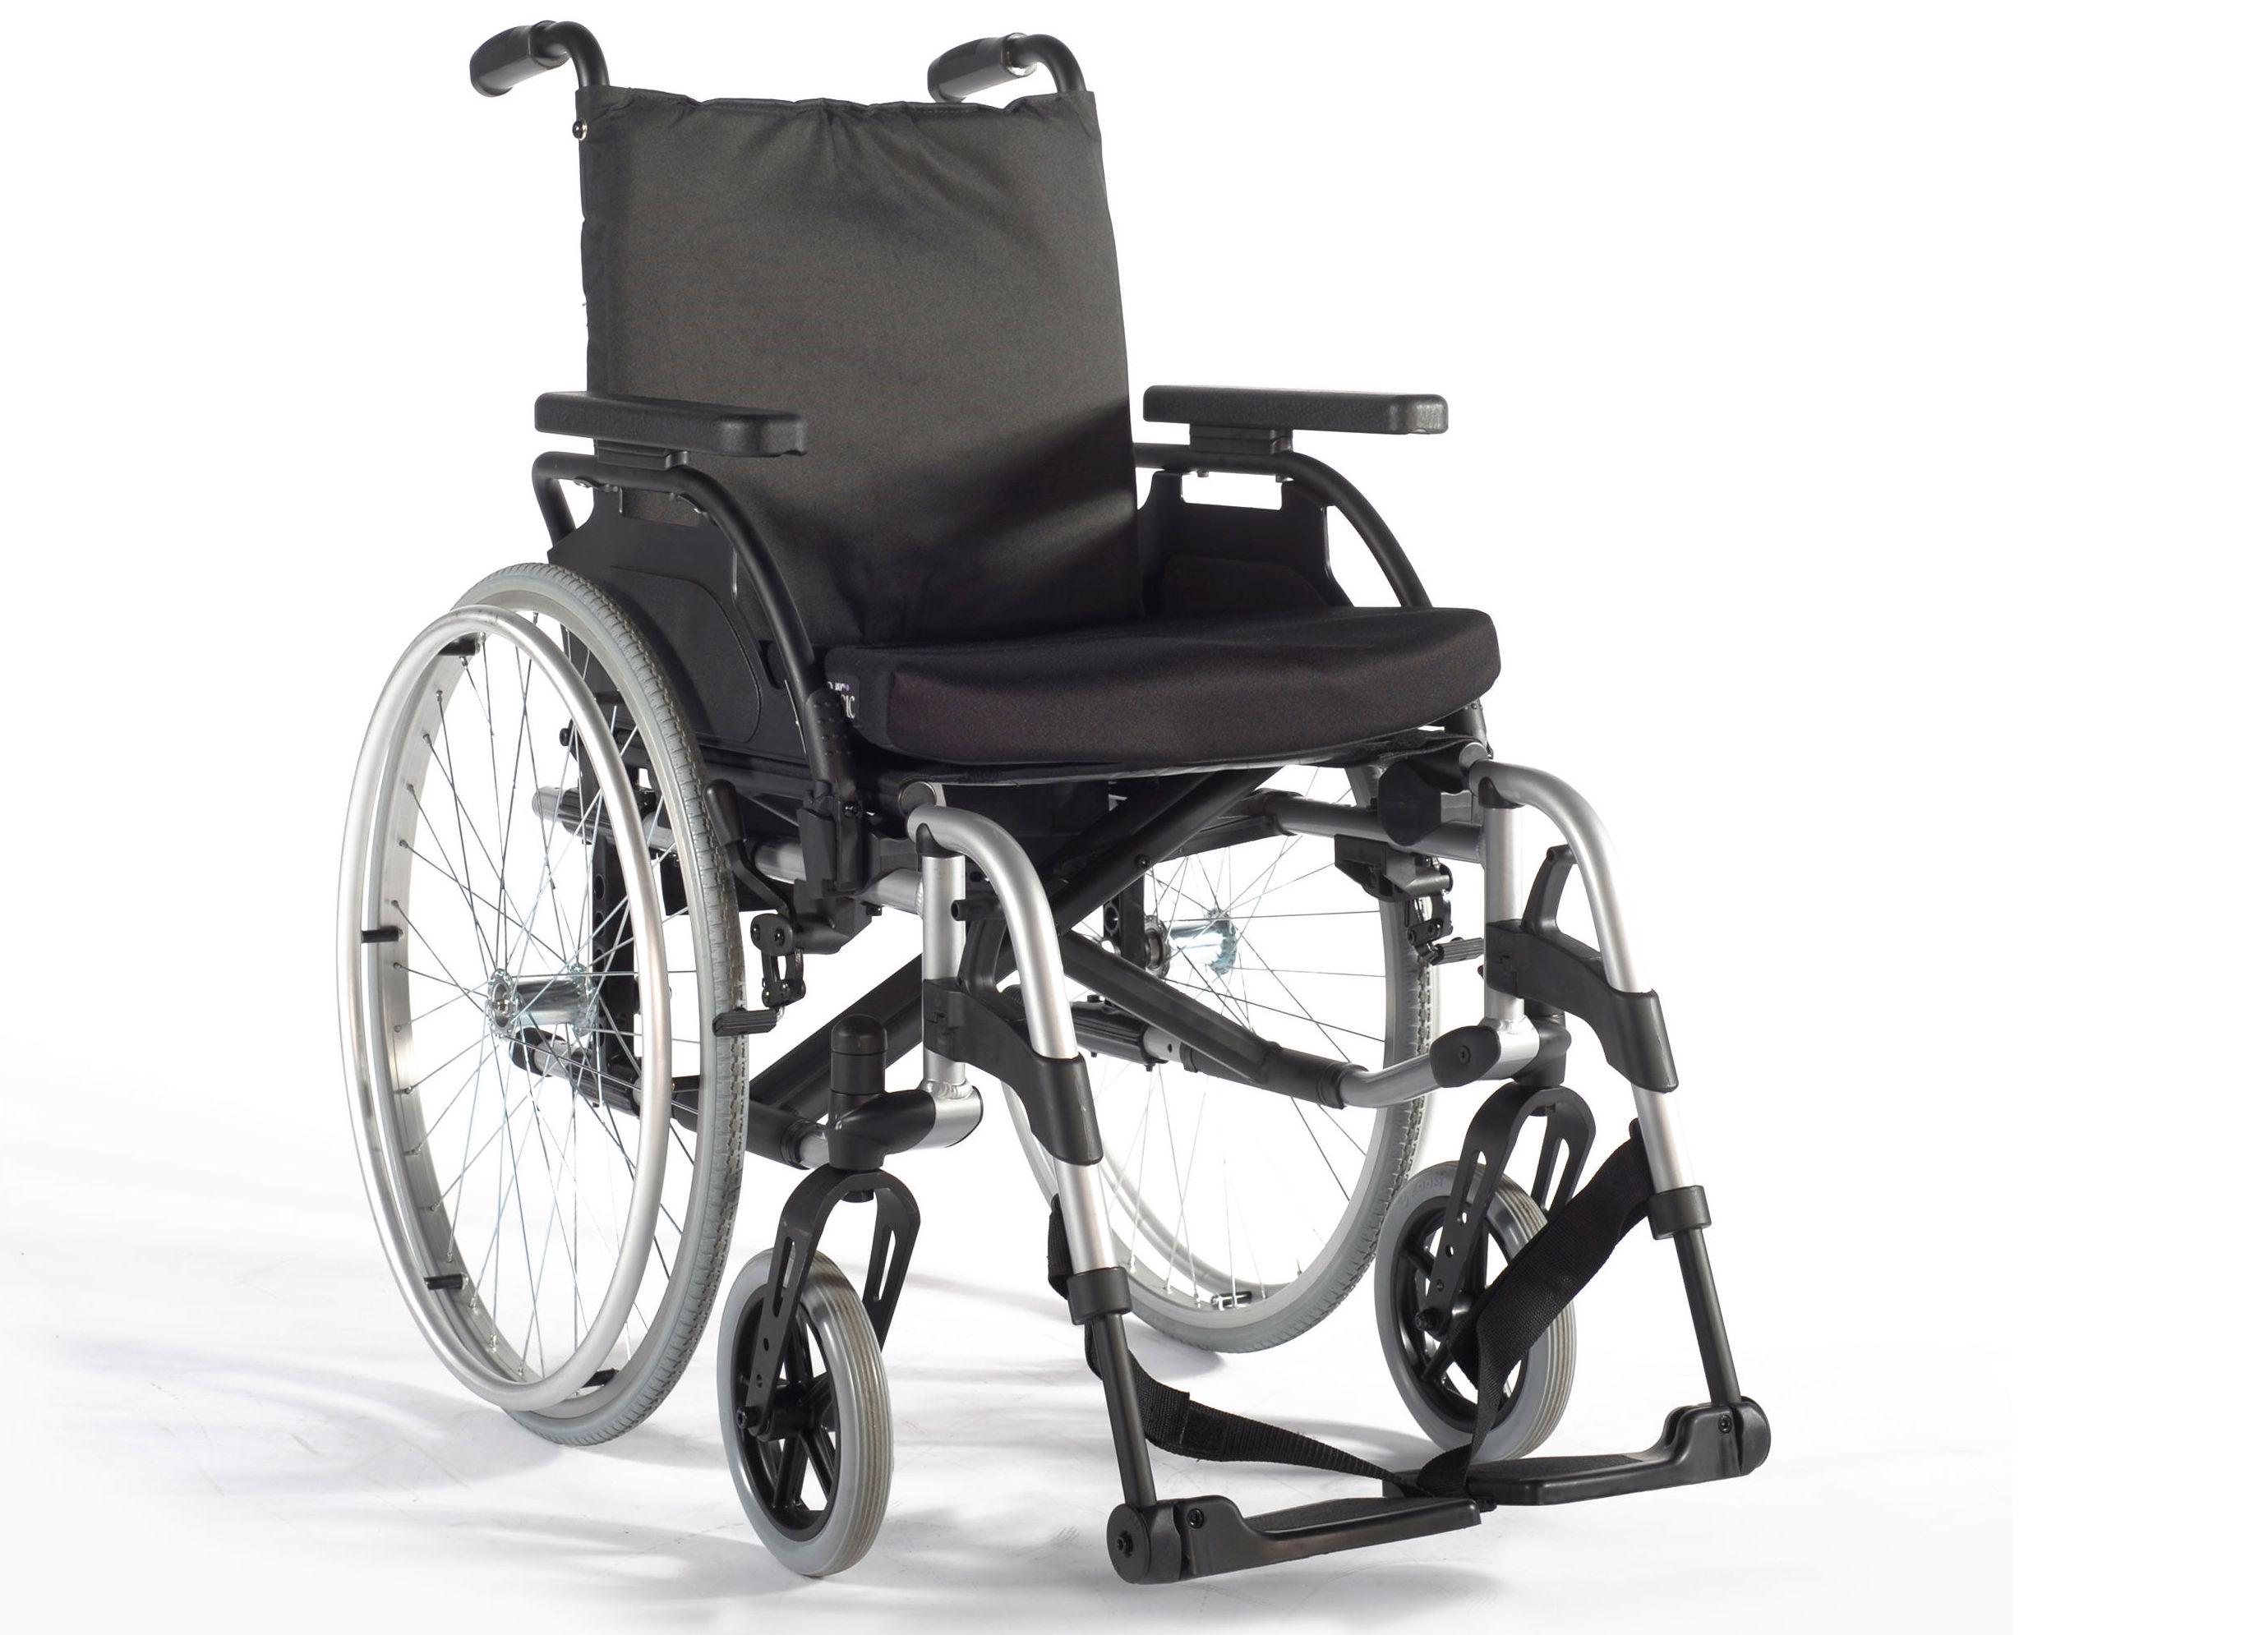 Silla de ruedas manual Basix 2: Productos y servicios de Ortopedia Delgado, S. L.